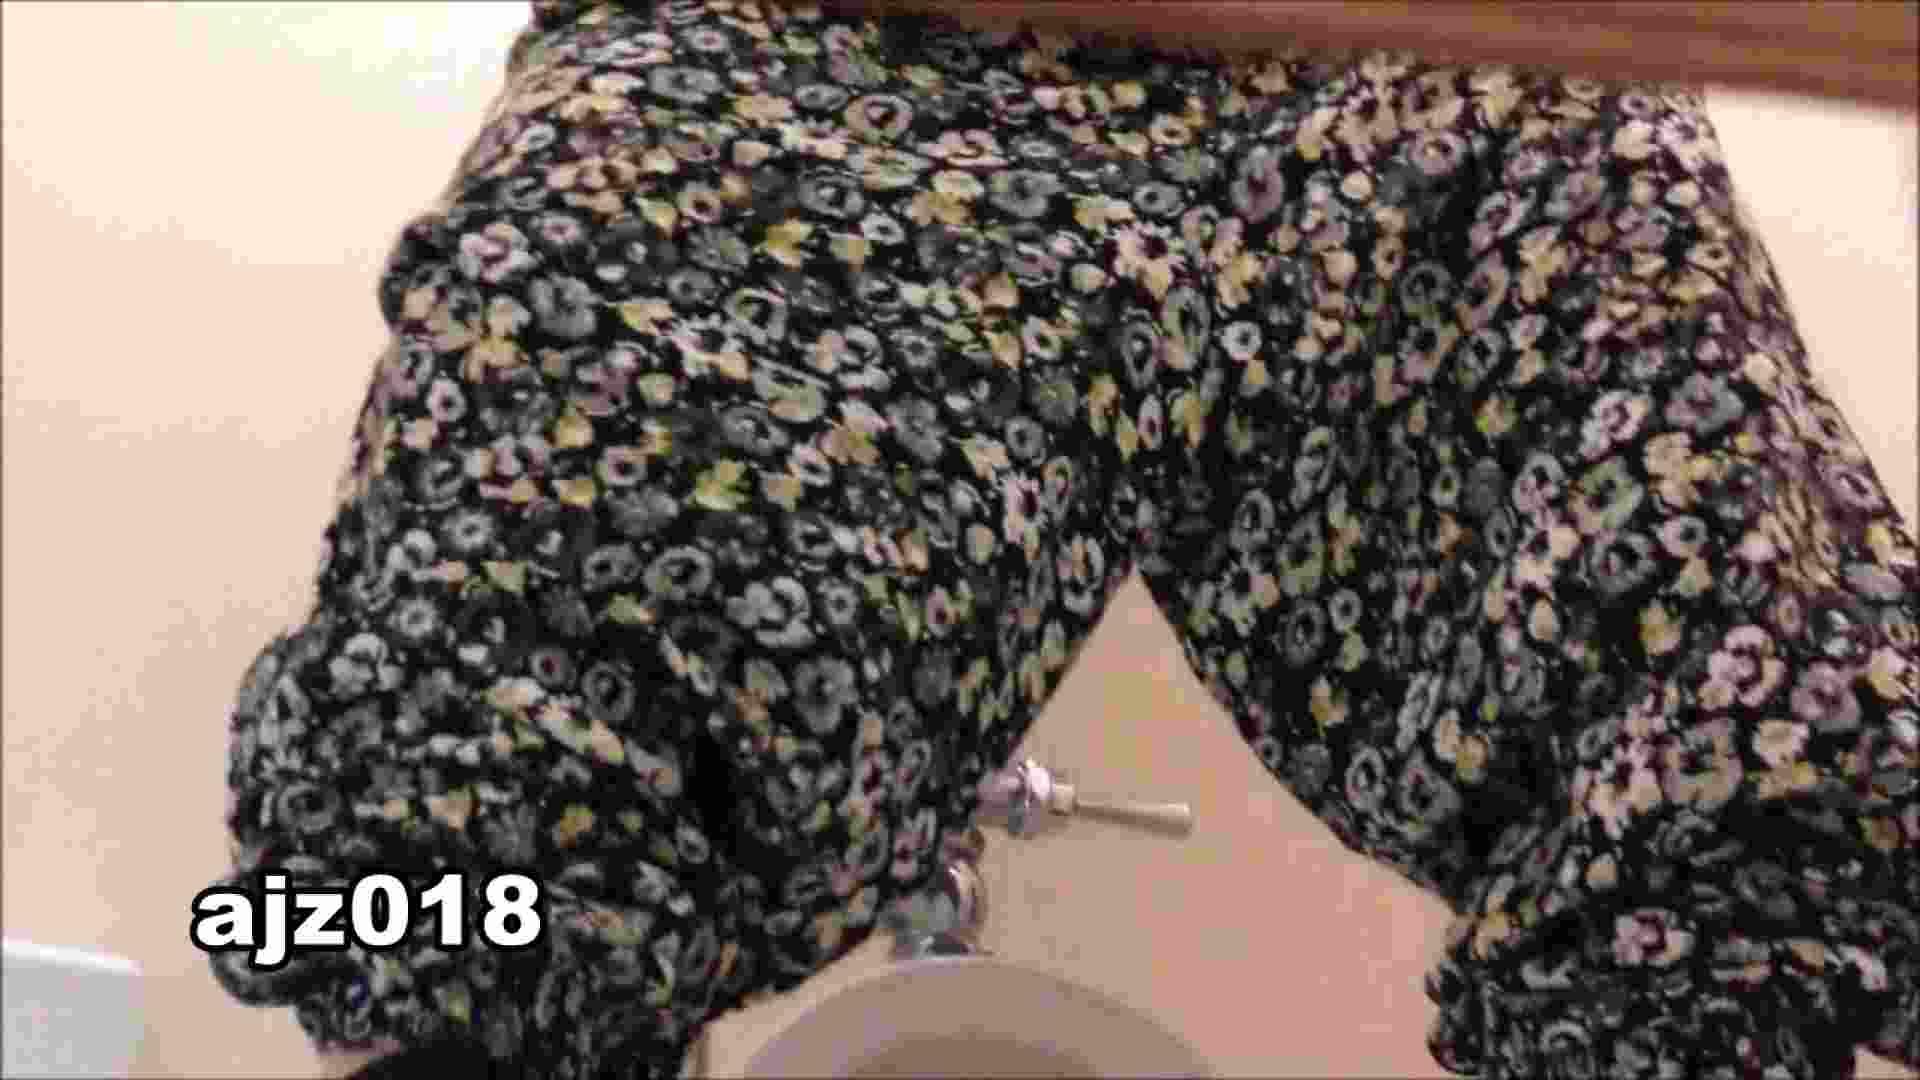 某有名大学女性洗面所 vol.18 和式 | 洗面所  50連発 25